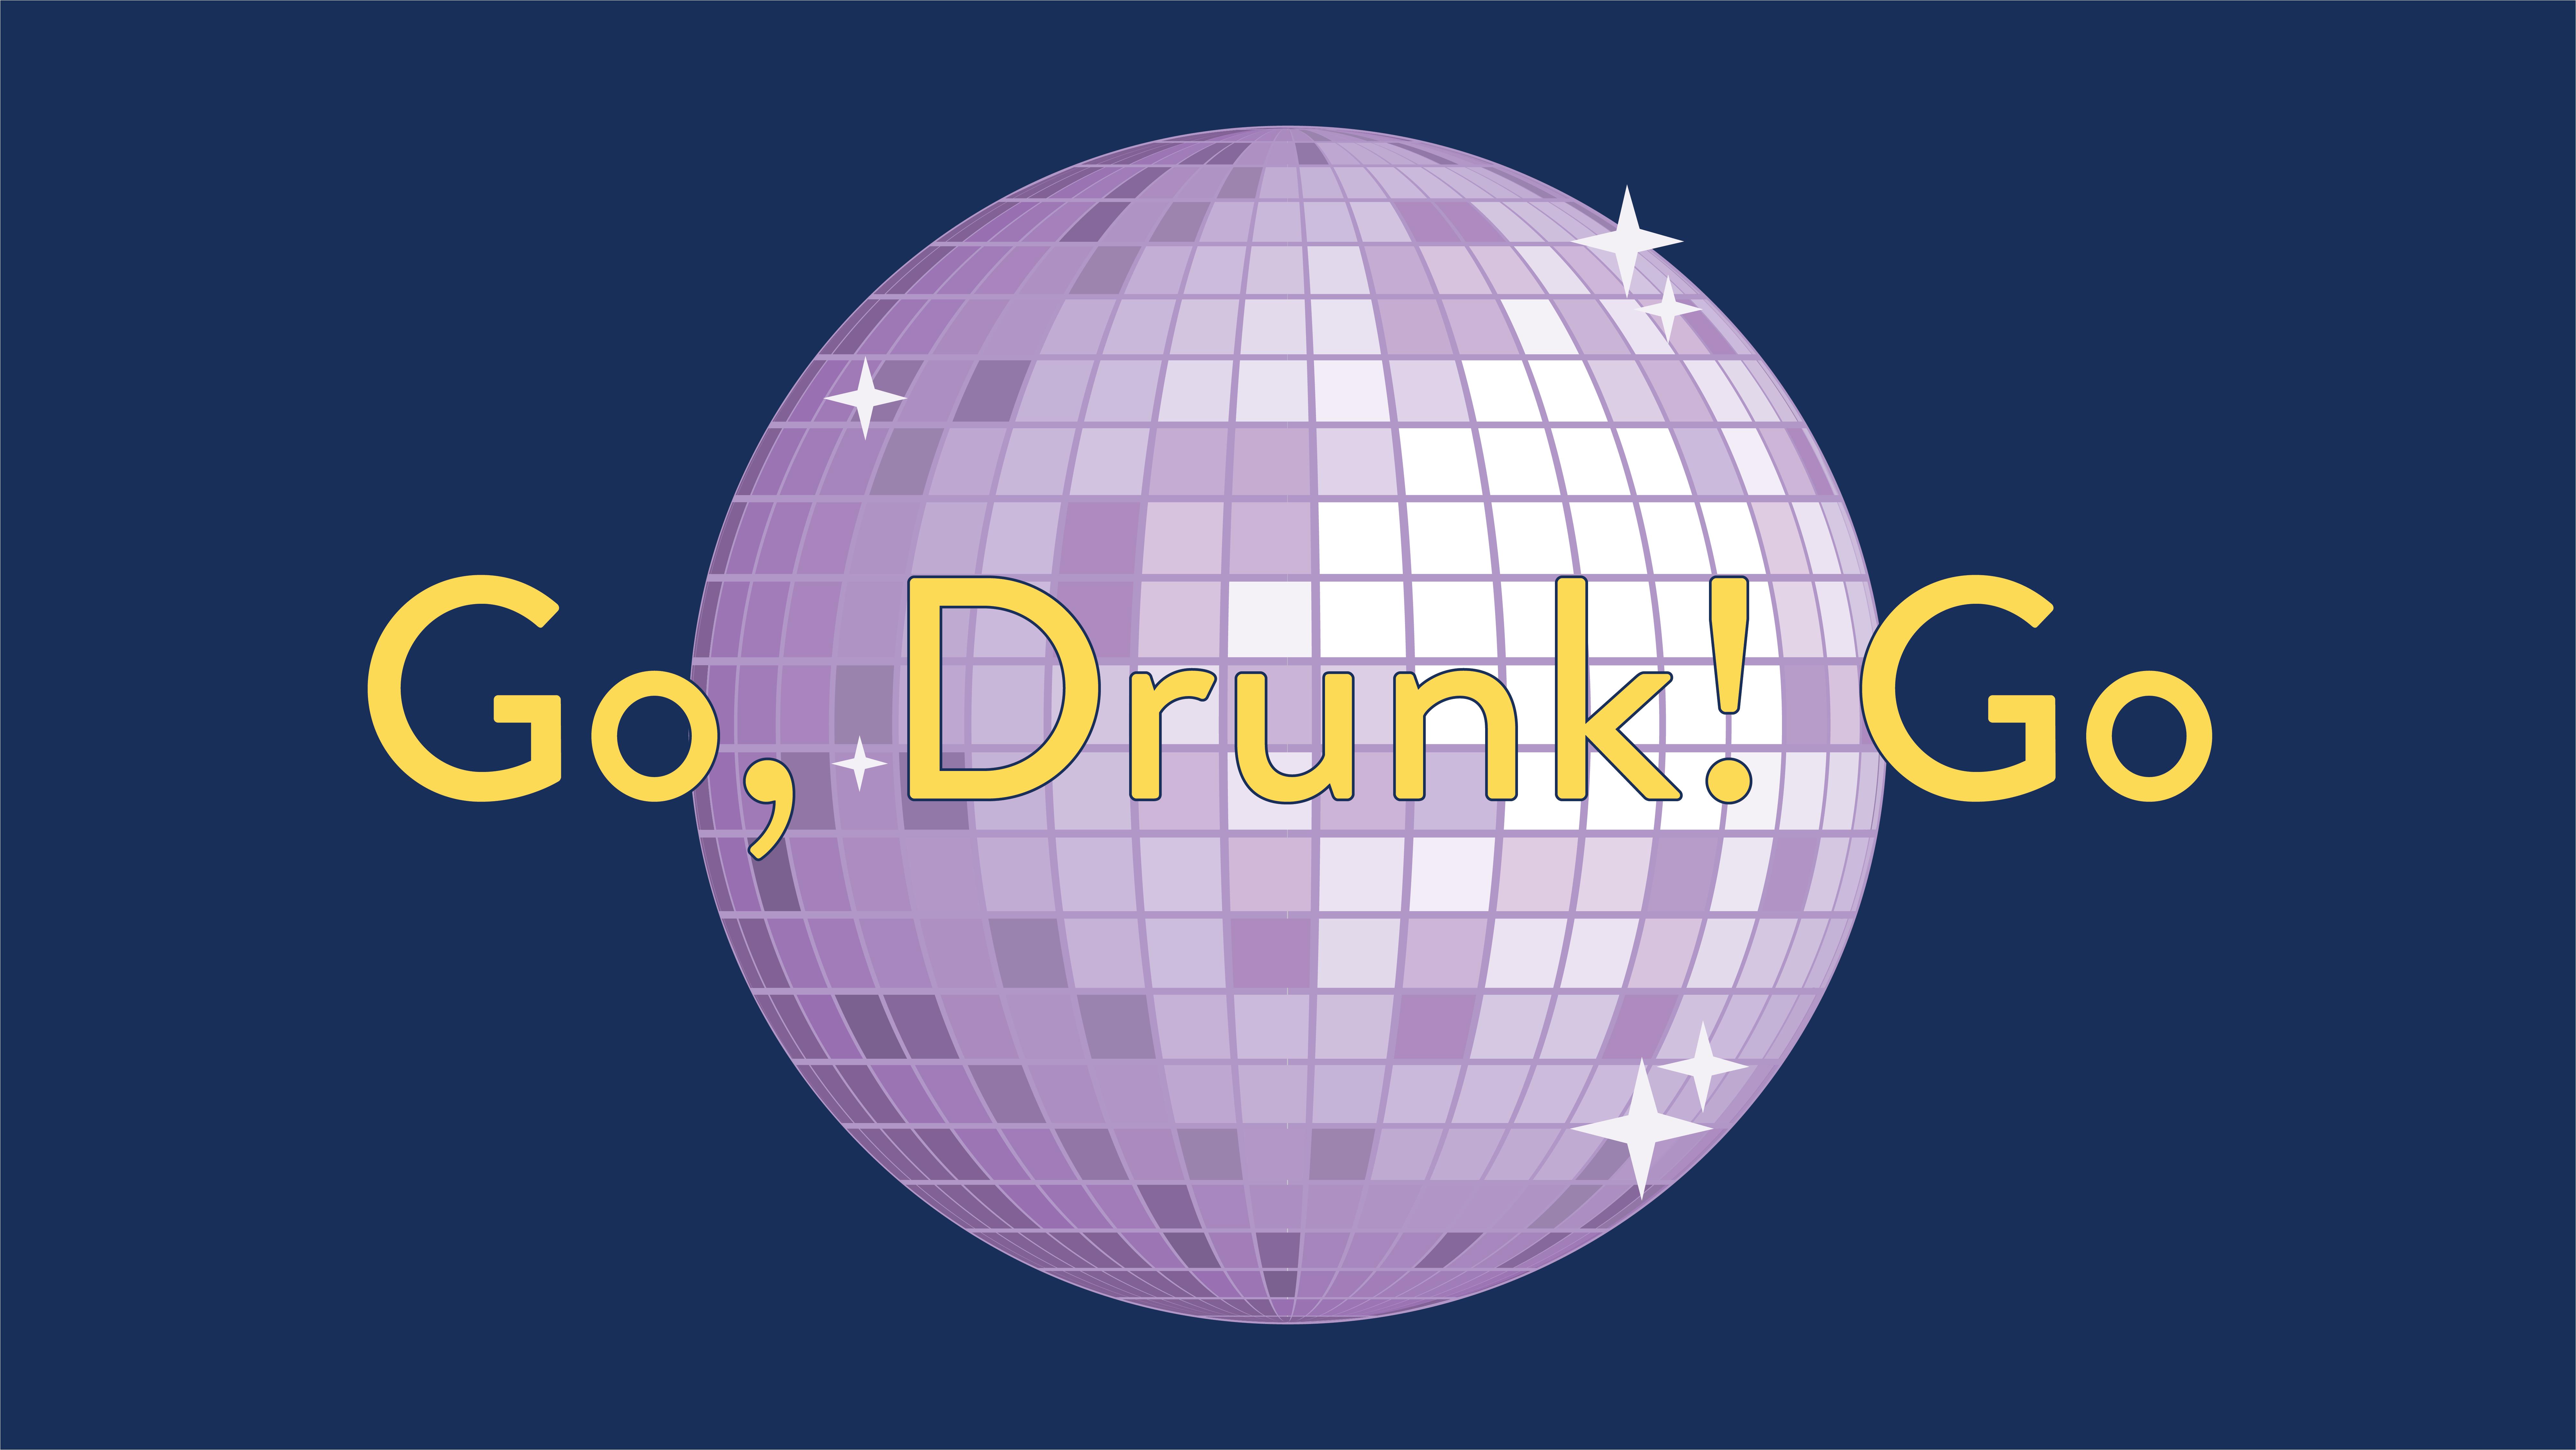 Go, Drunk! Go.